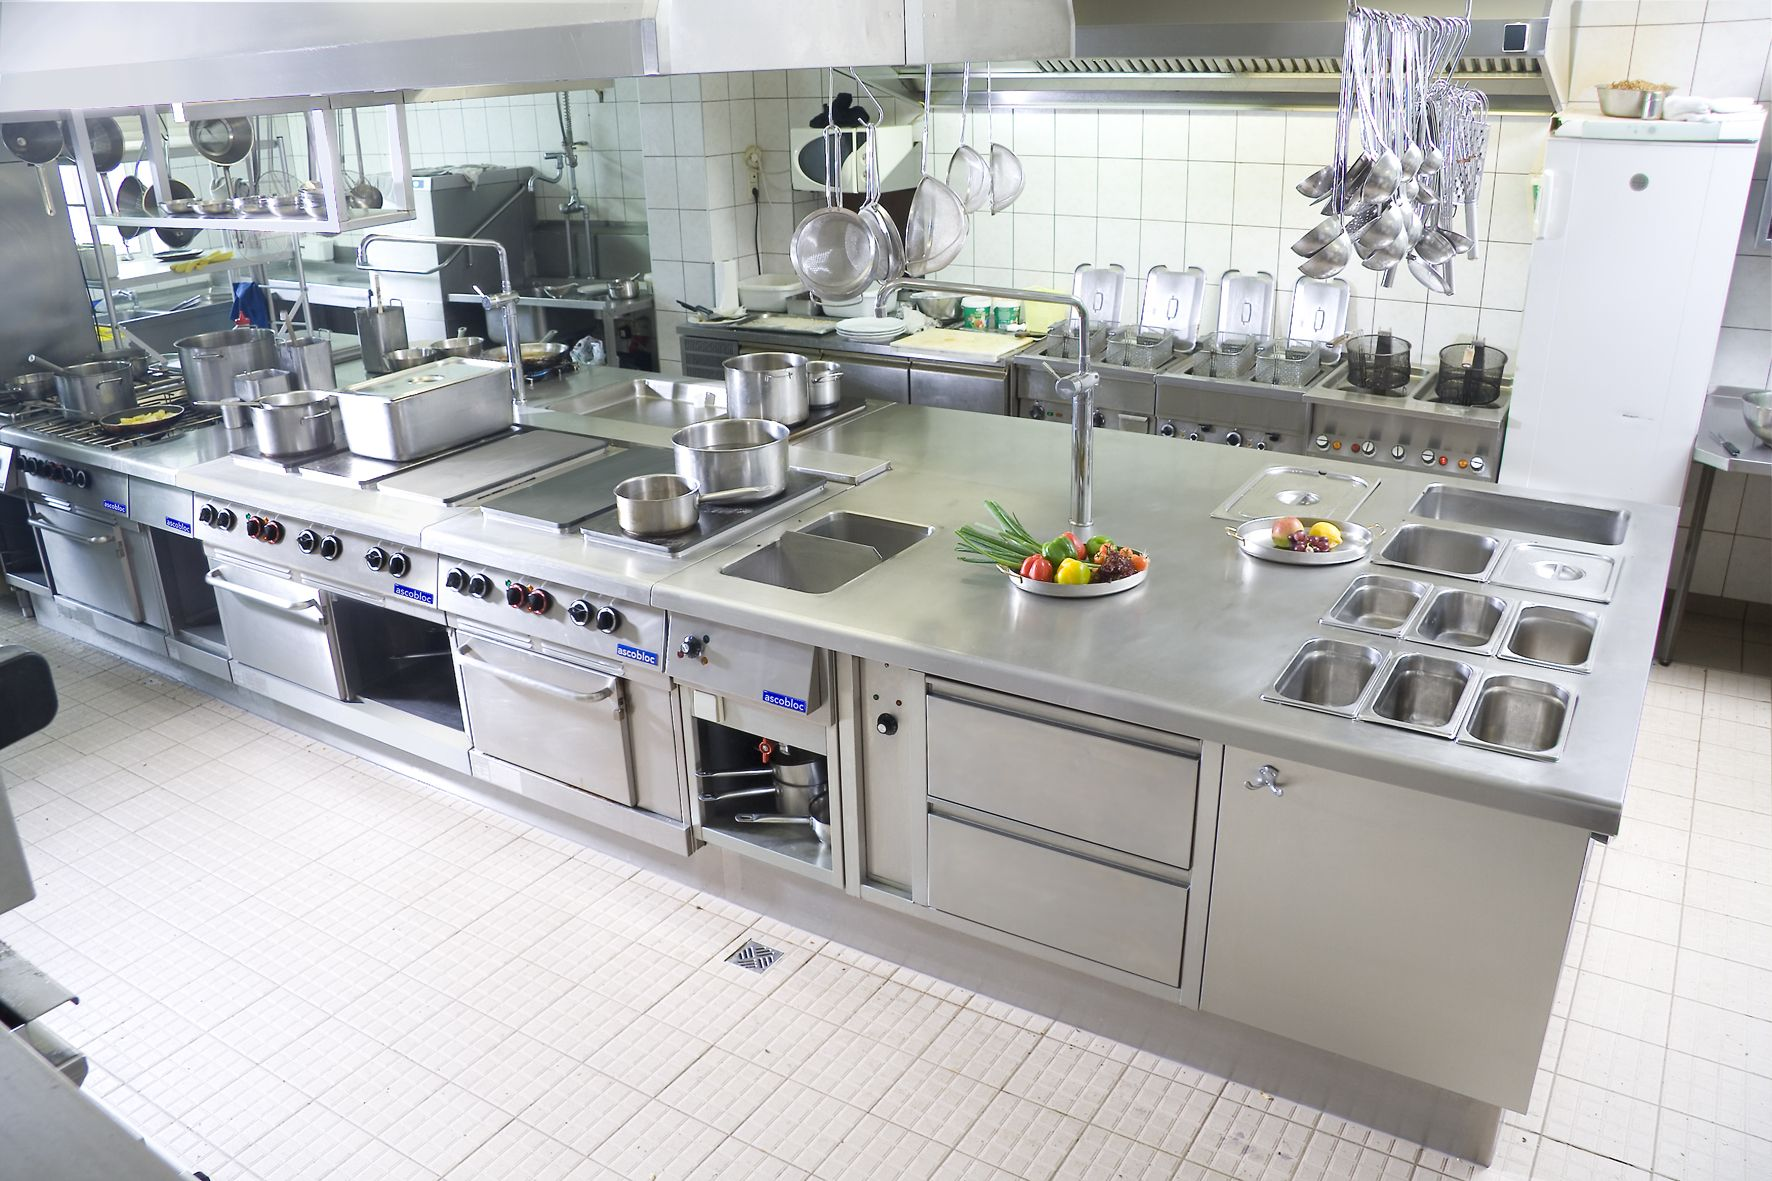 Gastronomie Küche | Raimund – Zur guten Küche | Pinterest | Gute ...